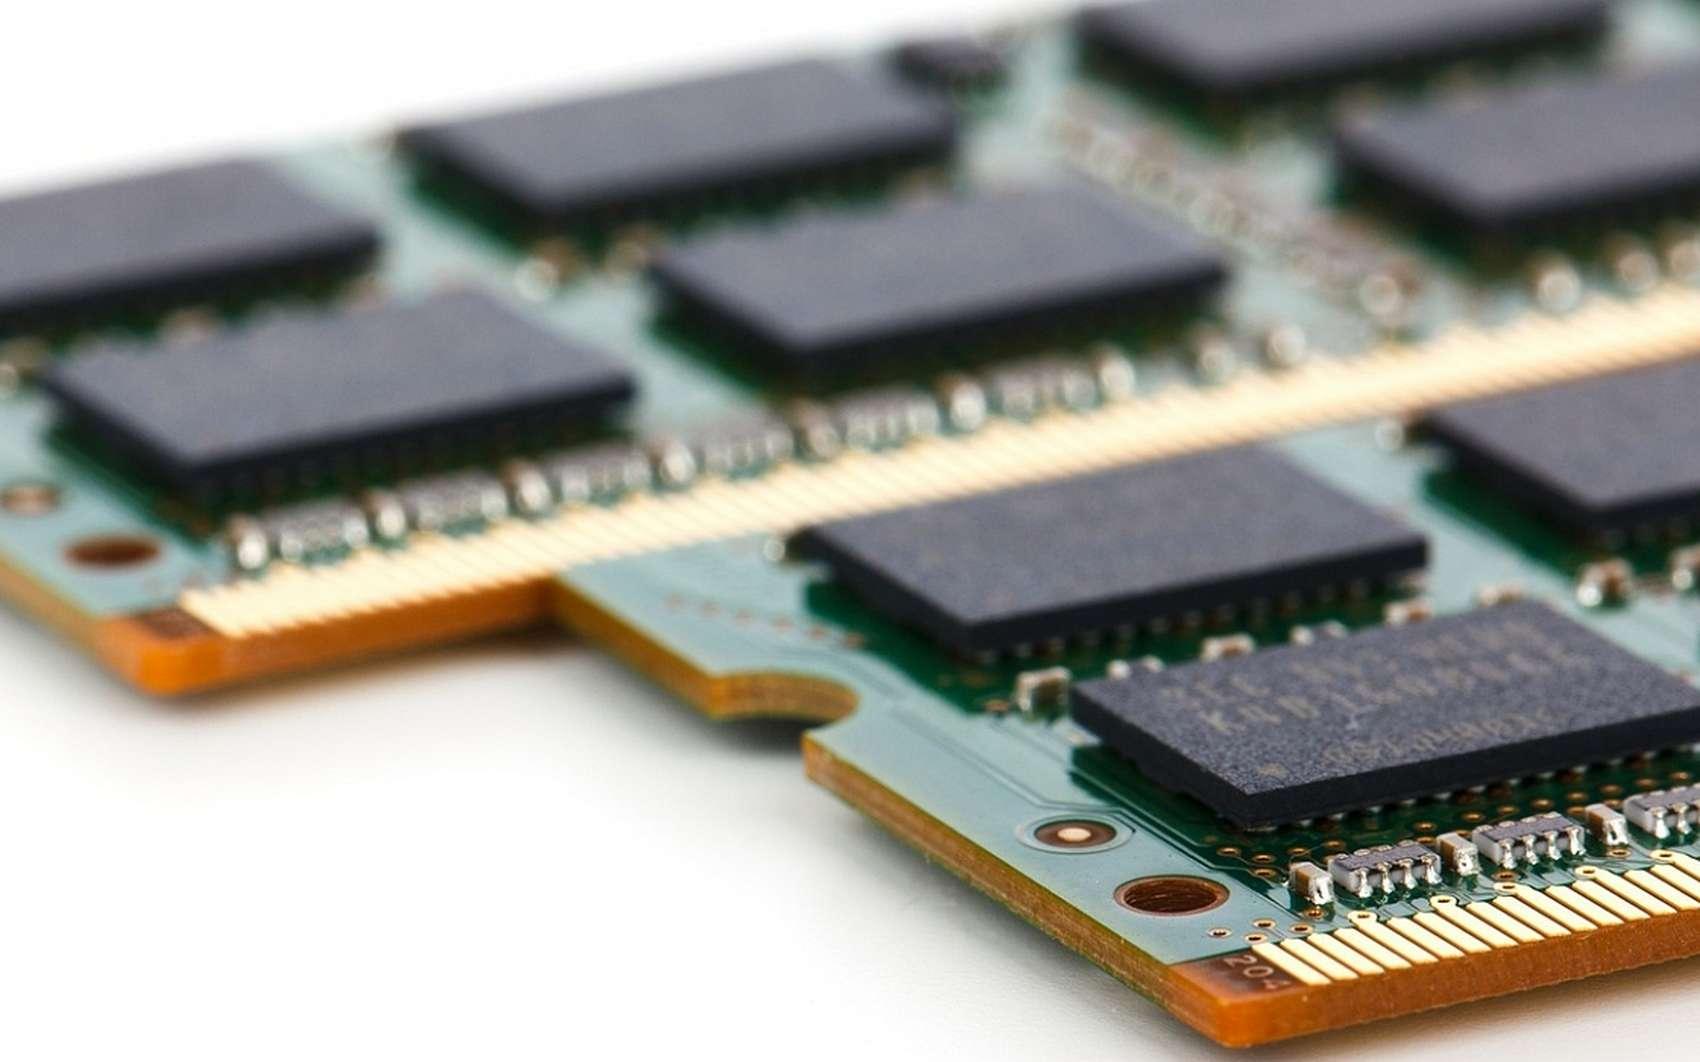 Comment choisir sa mémoire vive RAM ? © PublicDomainPictures 17907, Pixabay